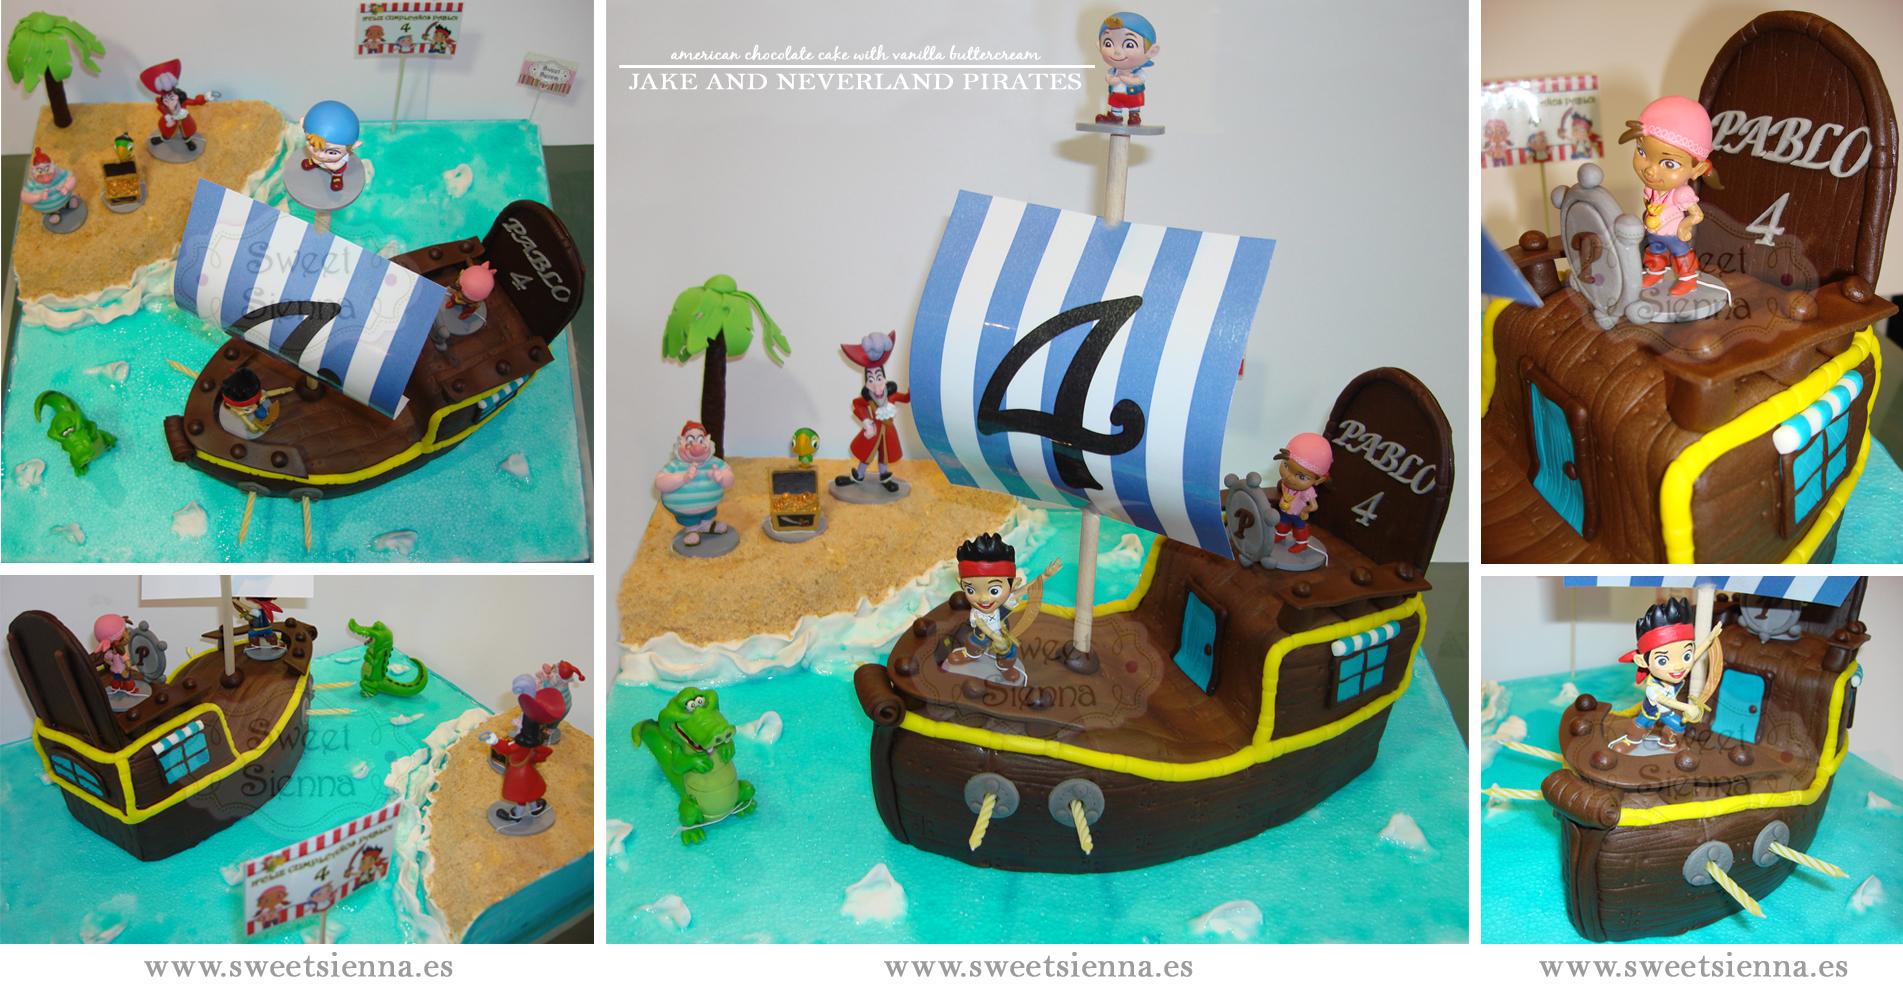 Ideas para fiesta de Jake y los piratas de nunca jamas =)